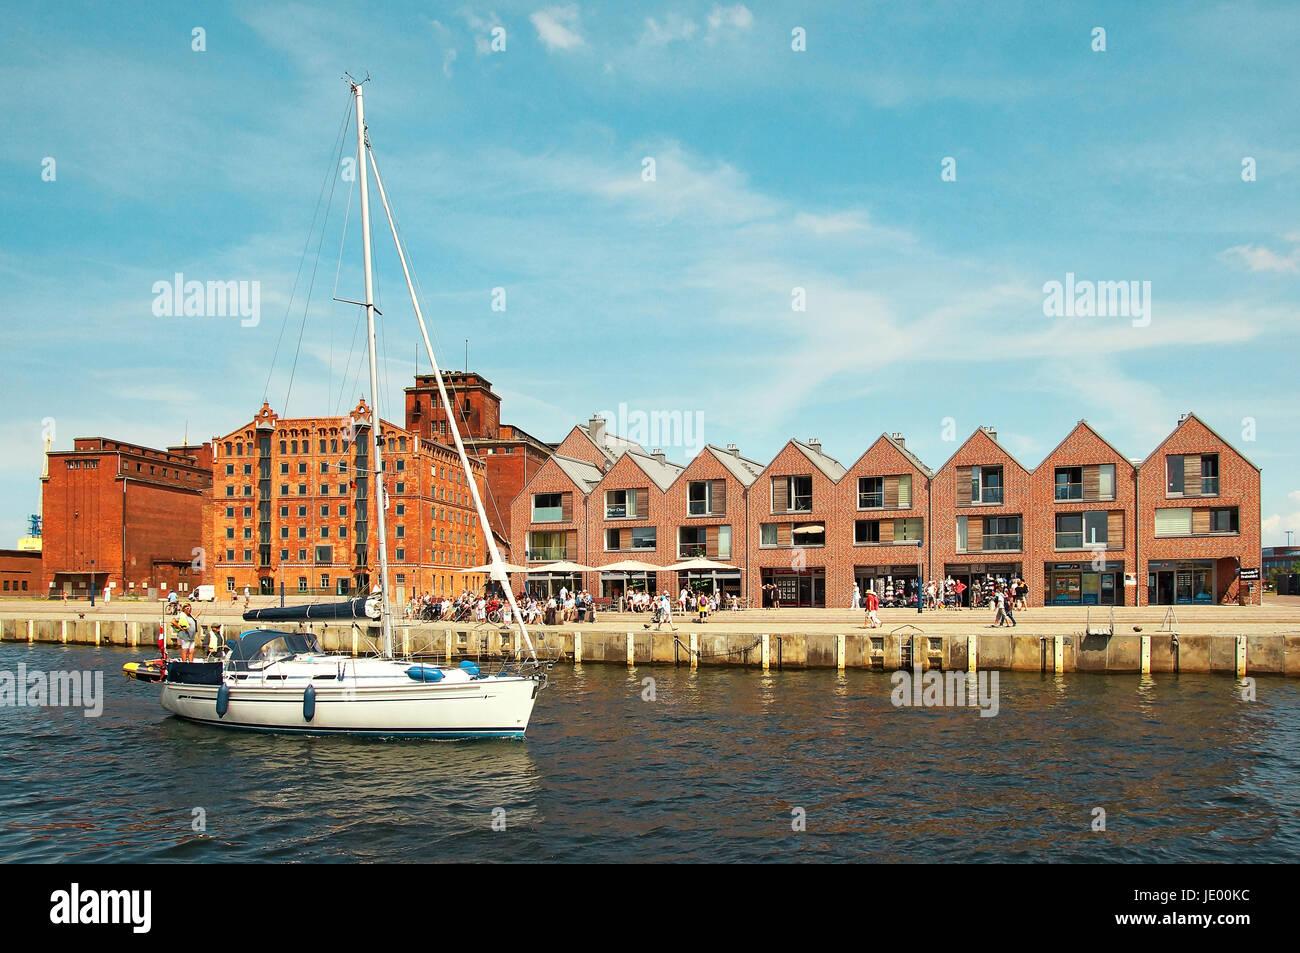 Hafen Hansestadt Wismar Deutschland / Port Hanseatic City Wismar Germany Stock Photo